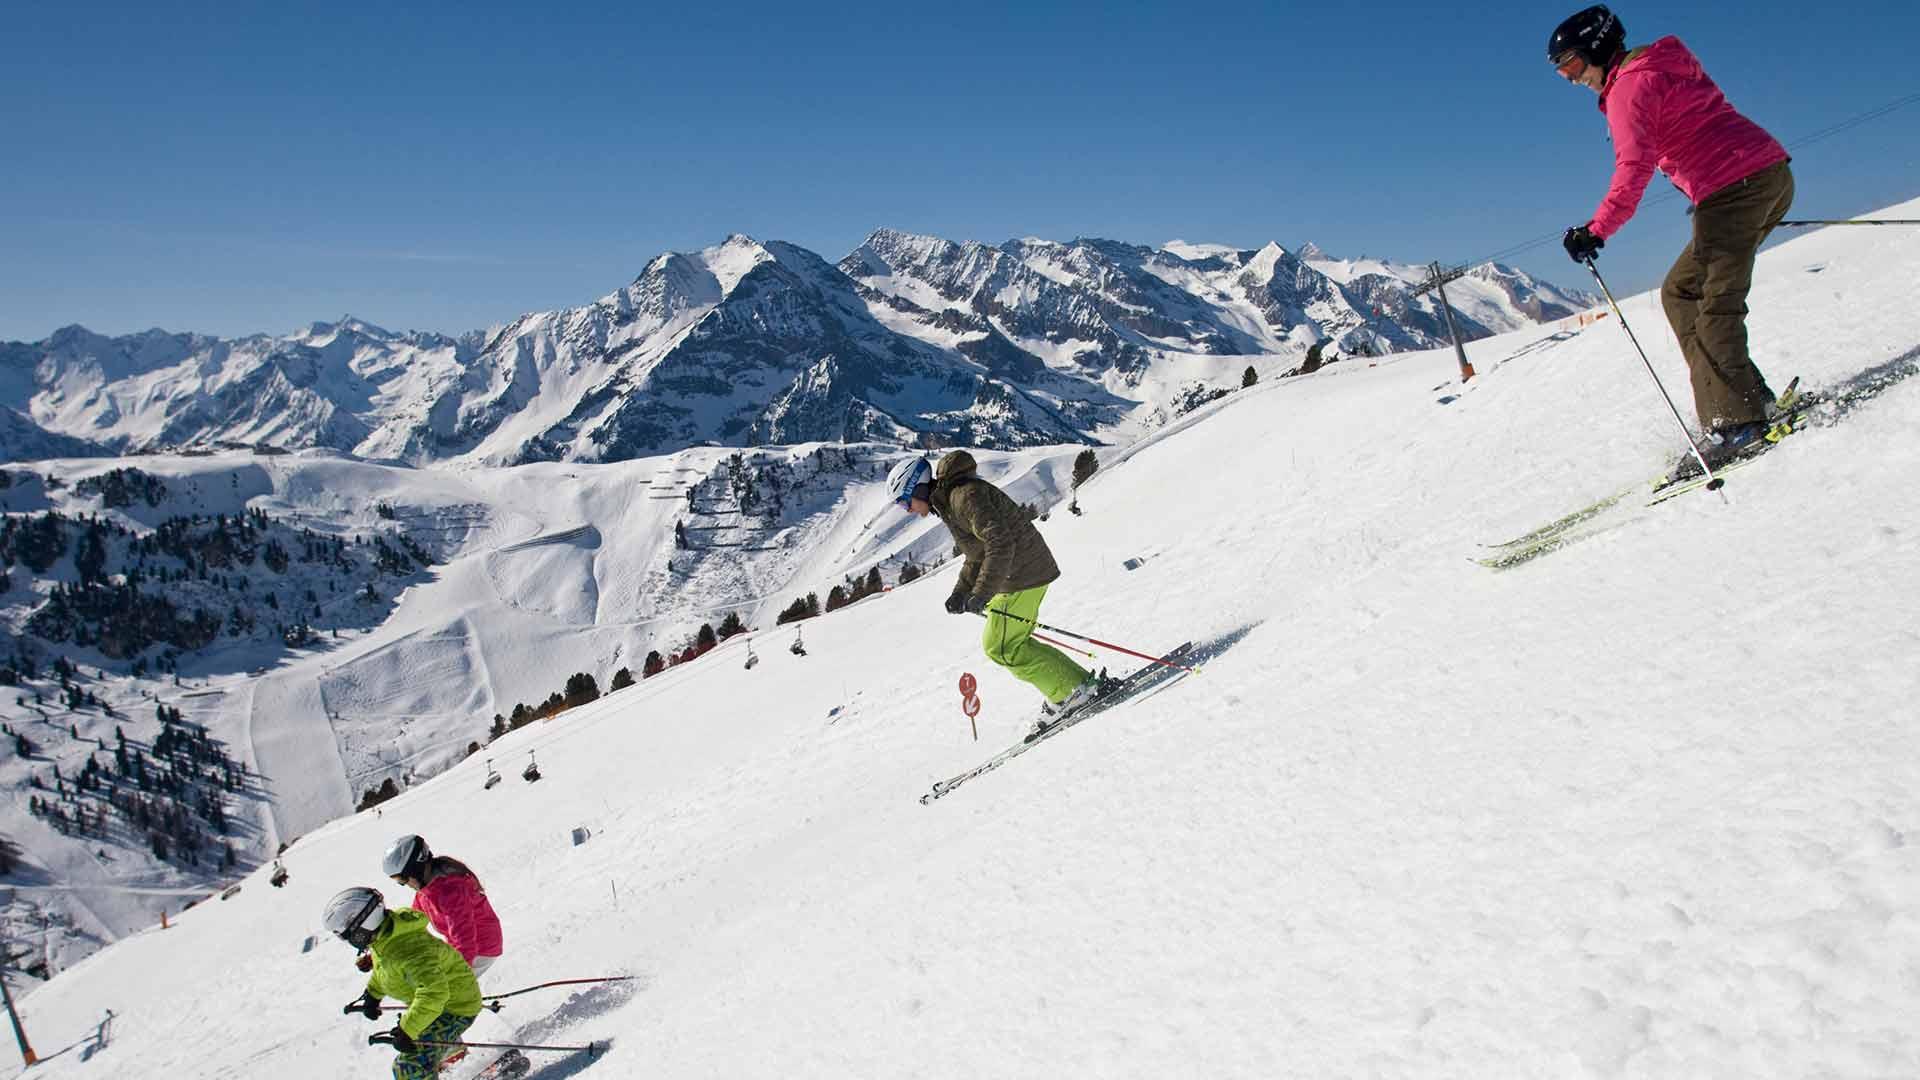 brixnerhof im zillertal, ski urlaub mit familie